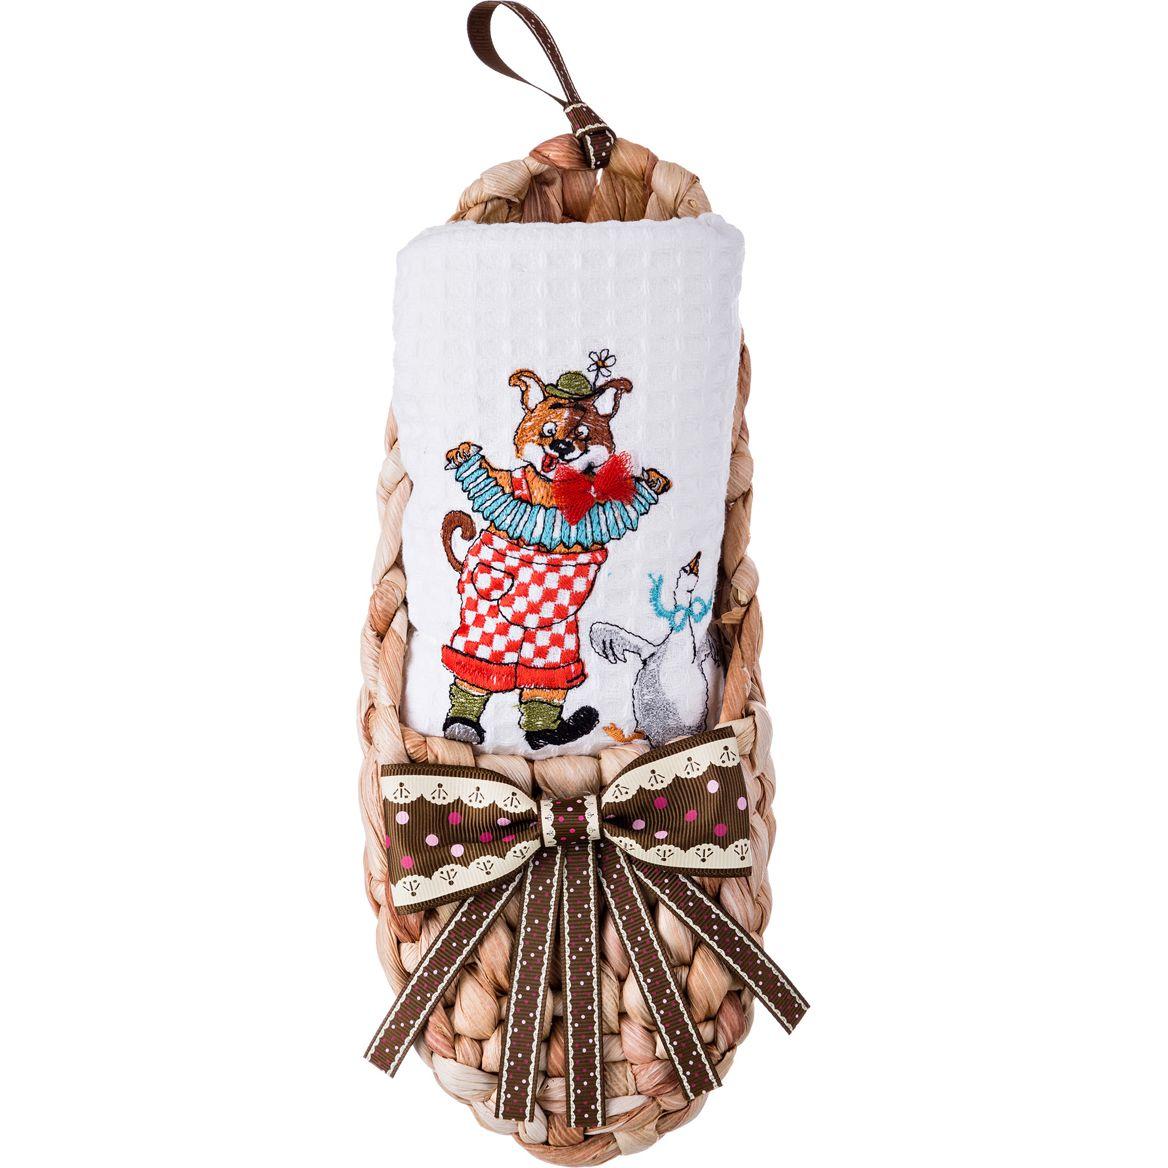 Купить Полотенца Santalino, Кухонное полотенце Пляска Цвет: Белый (круглая 70 см), Россия, Вафля